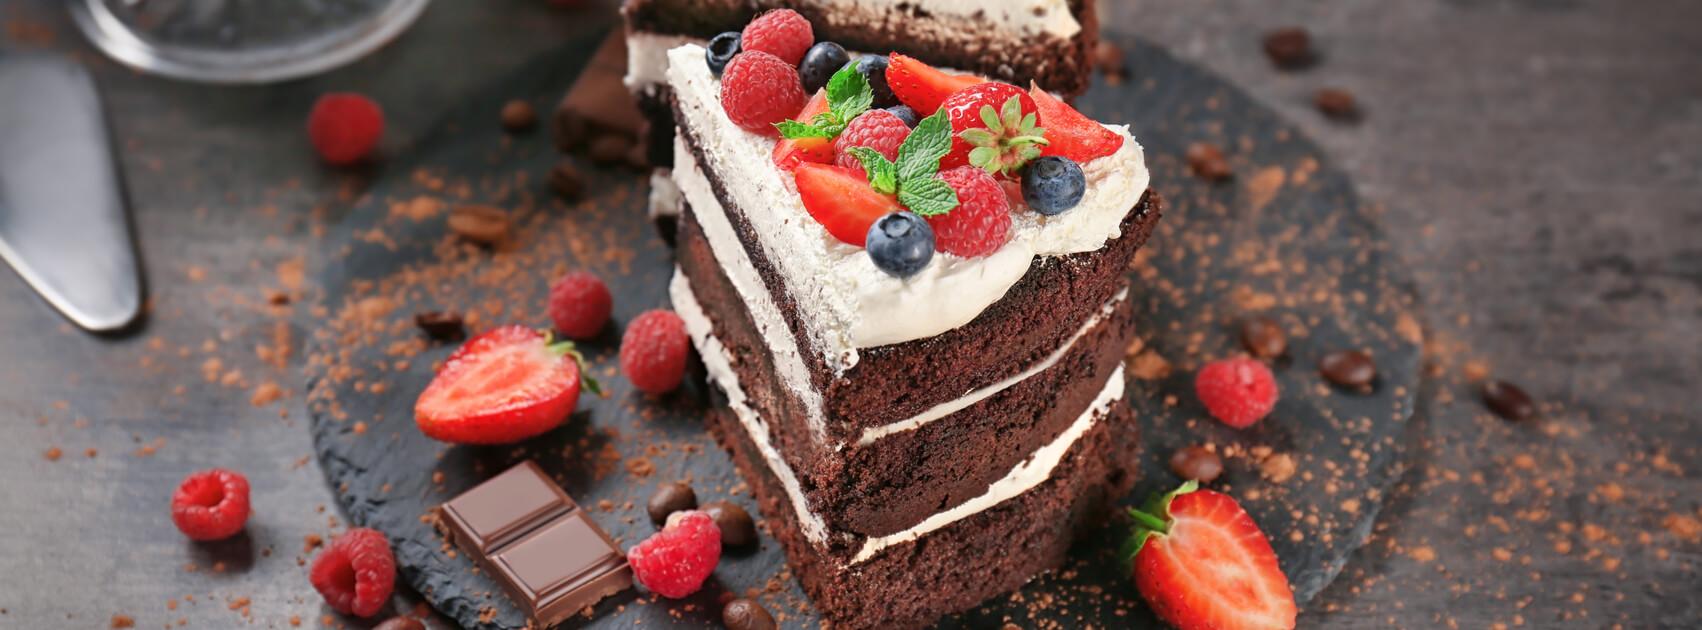 shutterstock-chocoalte-cake-2